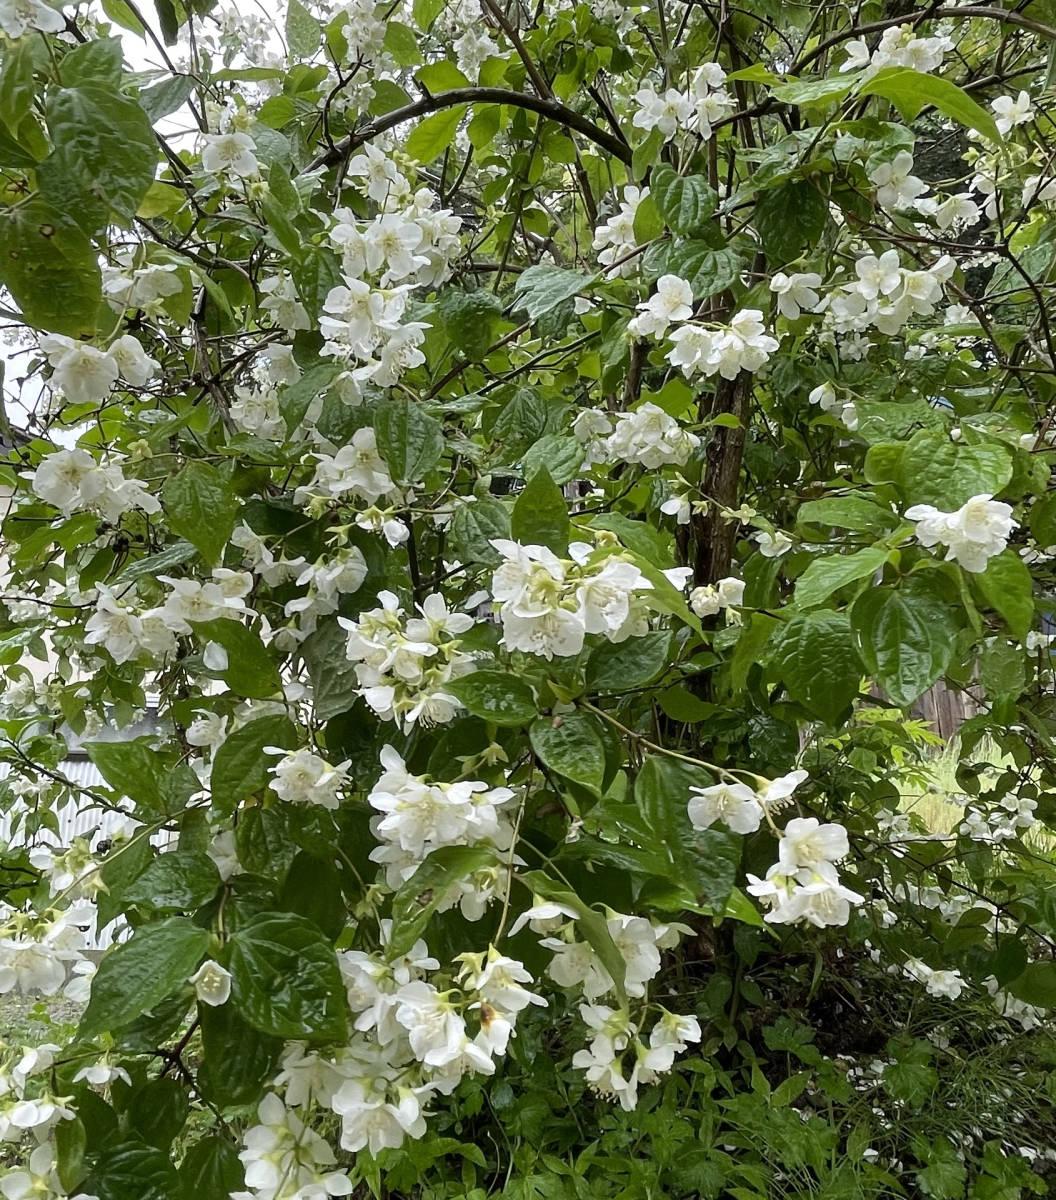 梅花空木 バイカウツギ 4本 ■送料無料 クリックポスト(梅や桜の花に似た花)挿木 用 庭園木 低木 ガーデニング 華やか_画像10